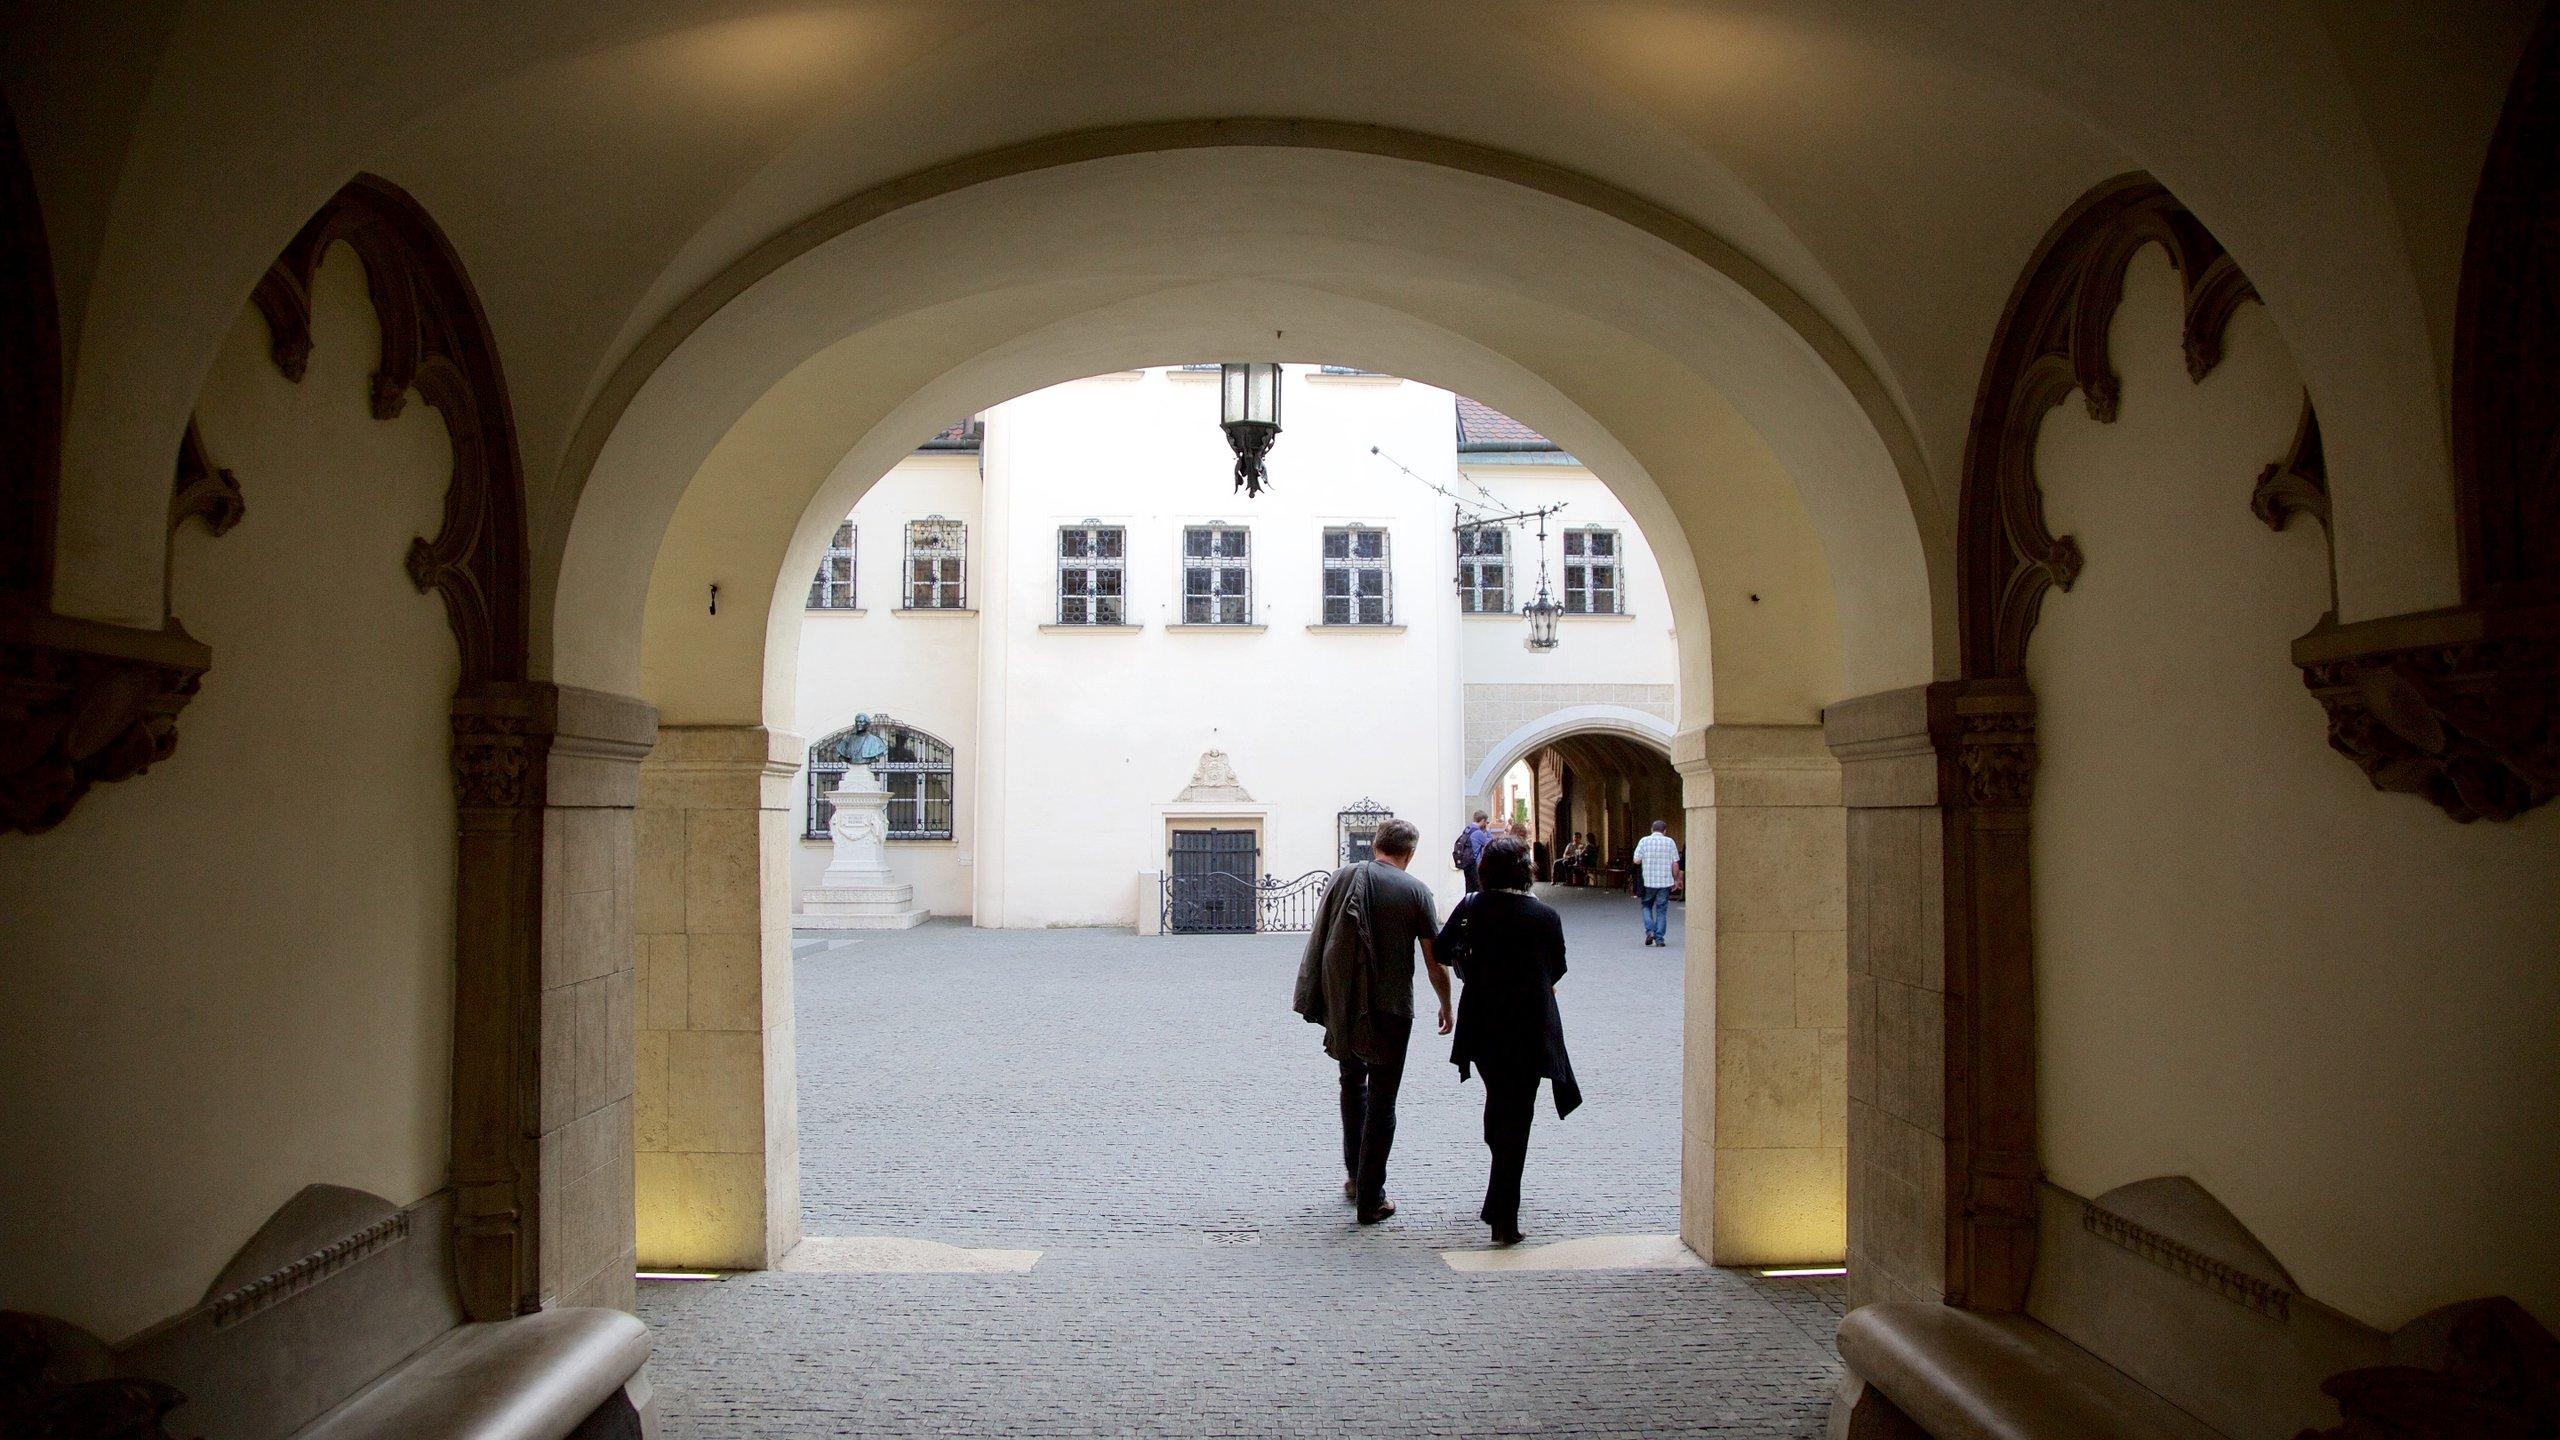 Verken de elf panden van het Stadsmuseum van Bratislava en maak kennis met het Slowaakse erfgoed dat uiteenloopt van wijnmakerij tot klokken en antiek militair geschut.